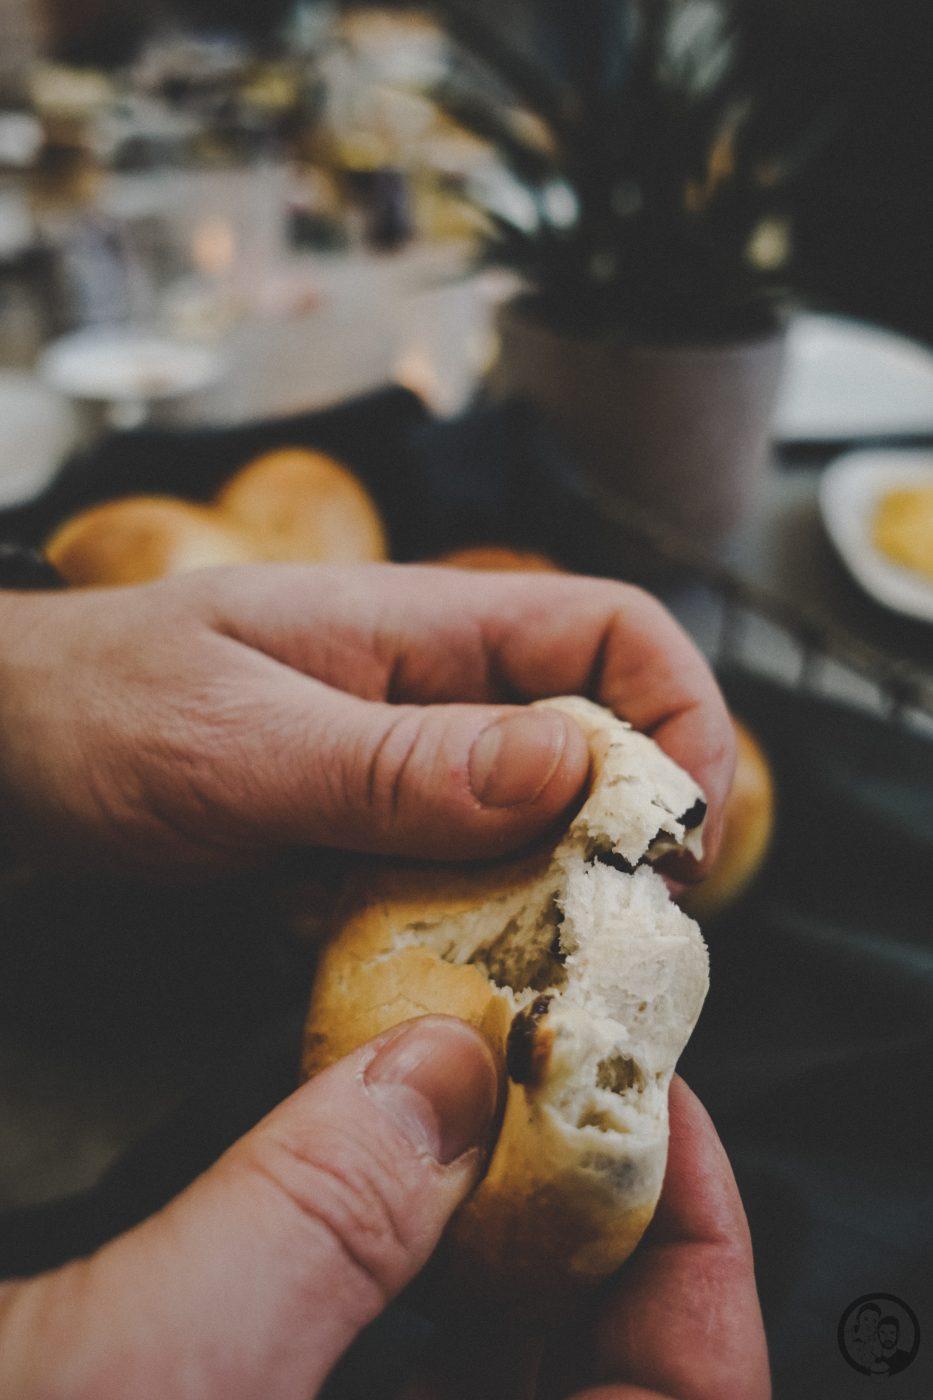 Milchbrötchen mit Rosinen mW 2 | Eine leckere Sache haben wir noch für euch, die wir auch bei unserem Bloggertreffen in der schönen Kirchein Bernkastel-Kues im Stadtteil Wehlen, zubereitet haben. Es wurde schön gebruncht wie es sich für einen Sonntagmorgen gehört.Und da Sascha immer etwas Süßes als Abschluss eines ausgedehnten Frühstücks braucht, habe ich für uns alle Milchbrötchen gebacken.